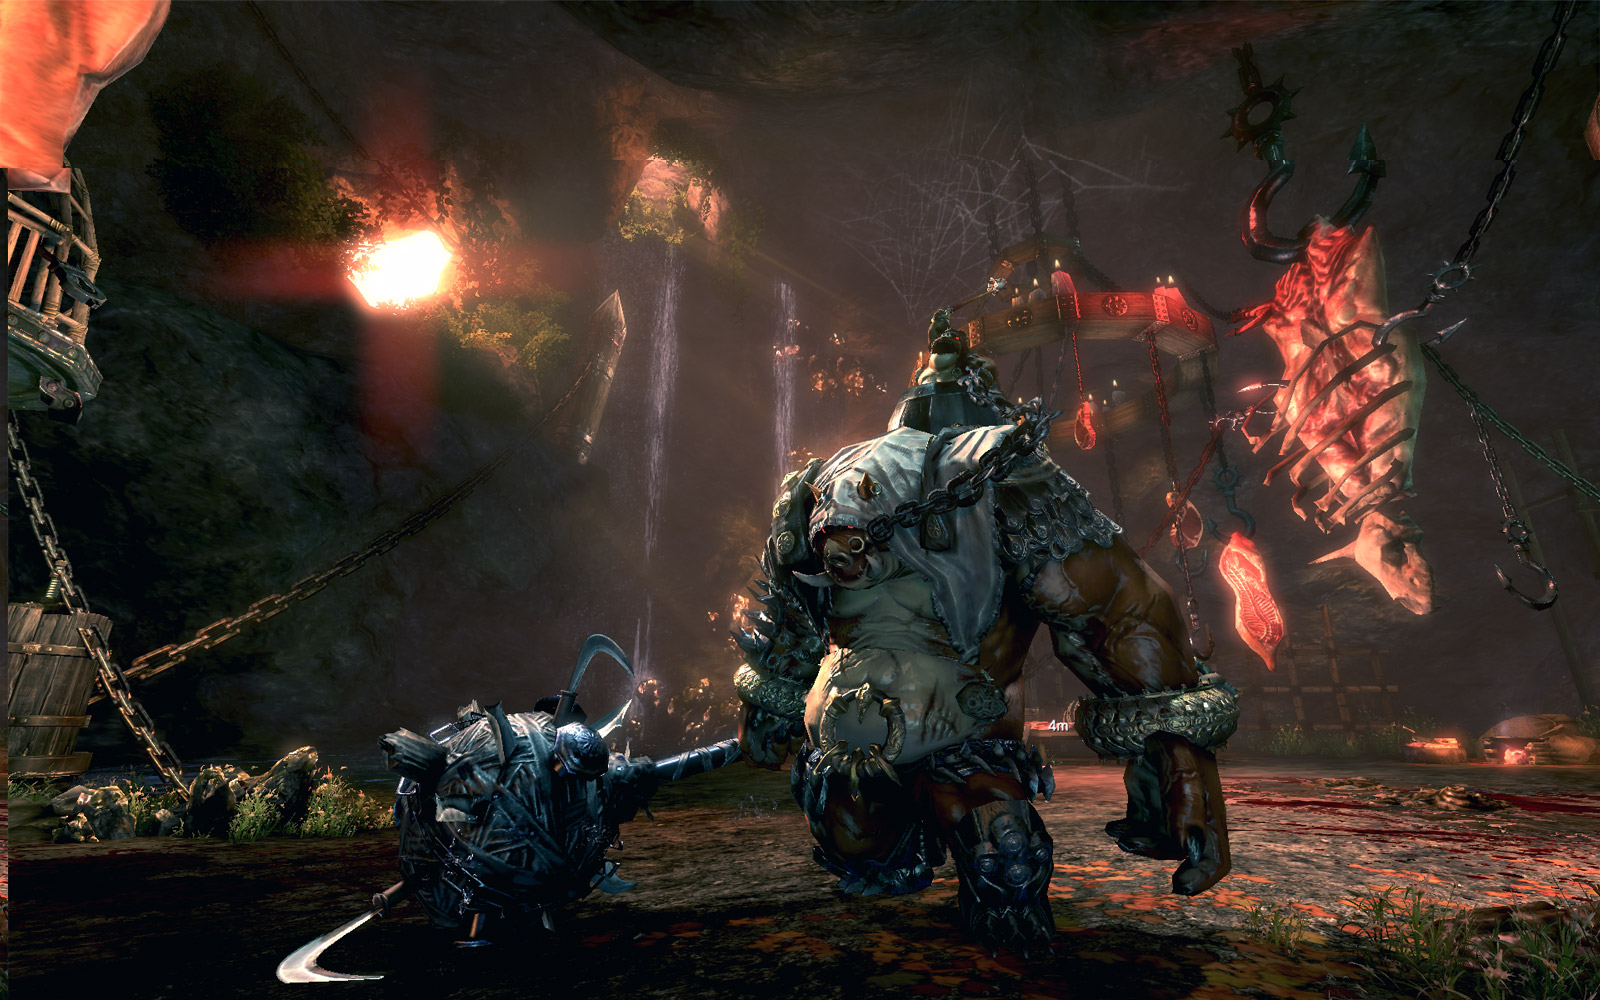 gallery_dungeon1.jpg